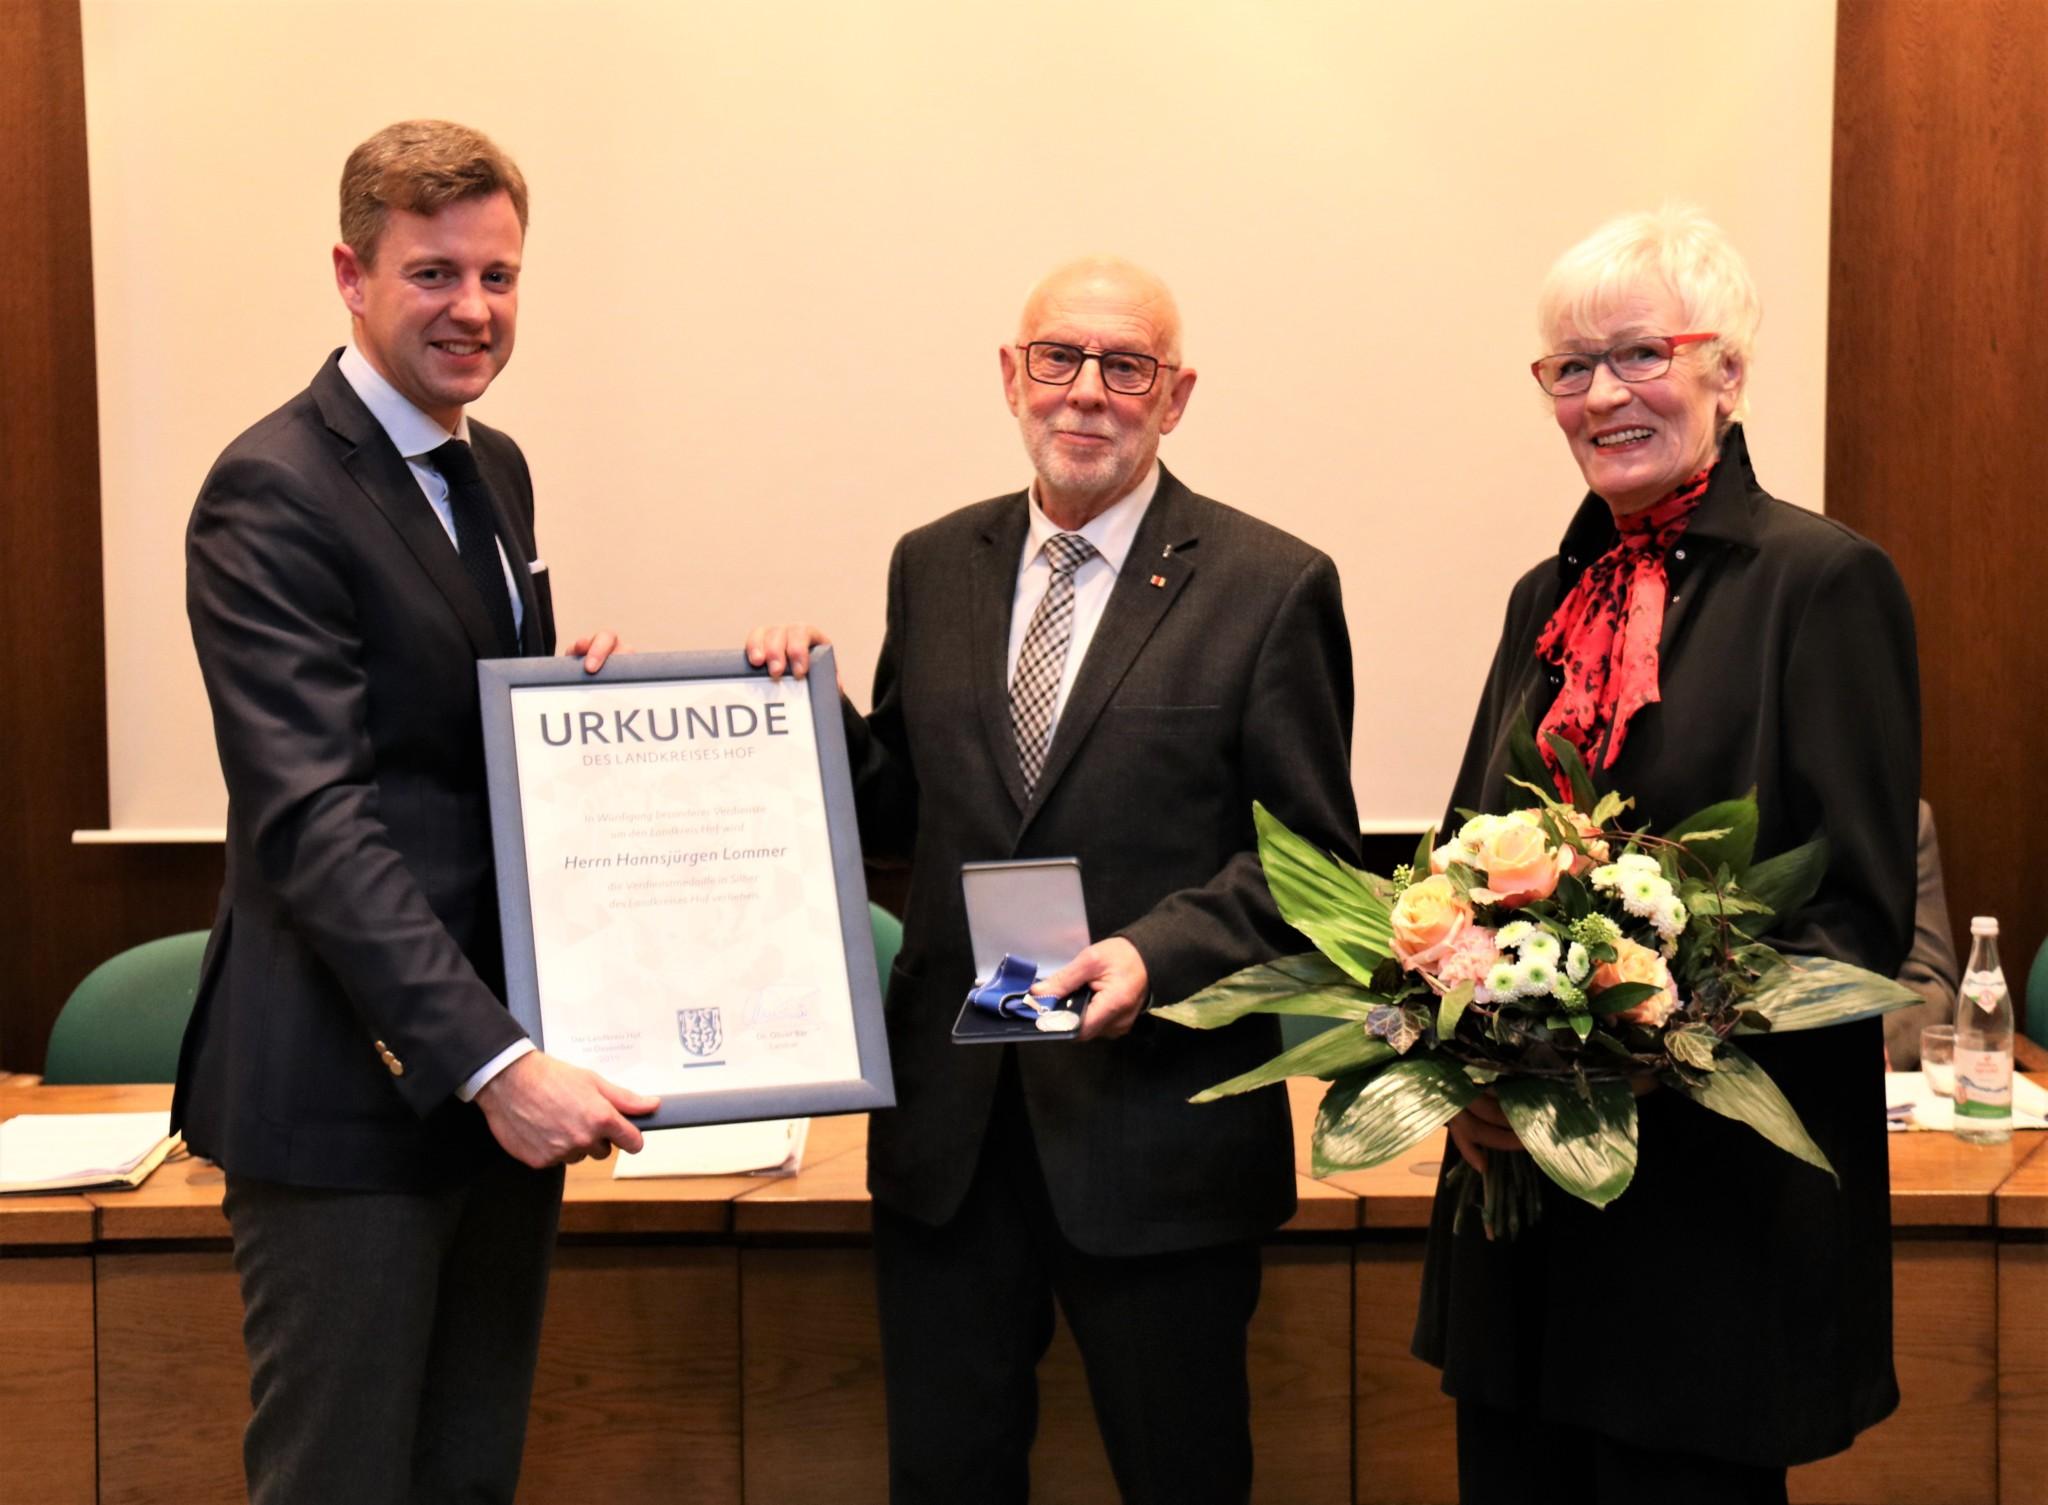 Scheidet 2020 nach 30 Jahren aus dem Kreistag aus: Hansjürgen Lommer, der gemeinsam mit Ehefrau Bärbel zur Ehrung gekommen war